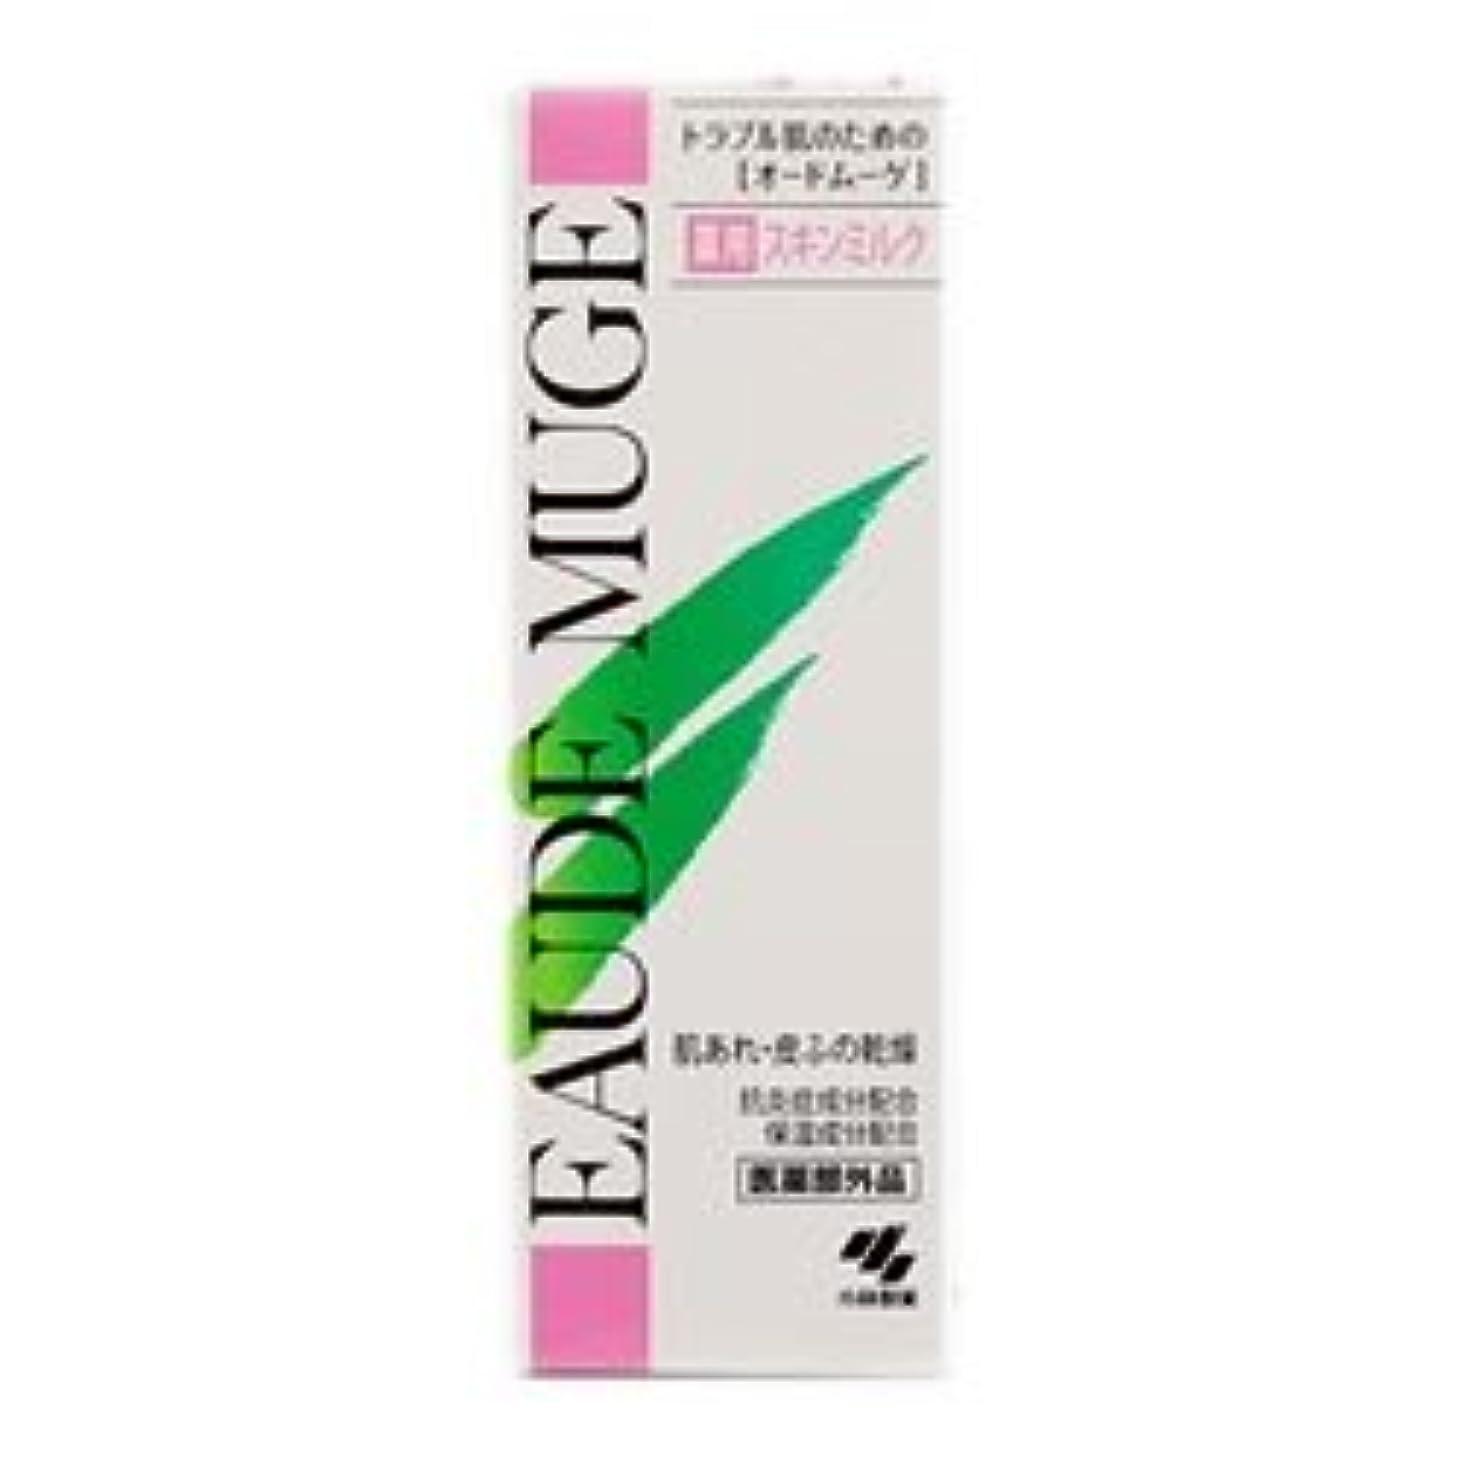 頬木製ロバ【小林製薬】オードムーゲ薬用スキンミルク 100g ×3個セット